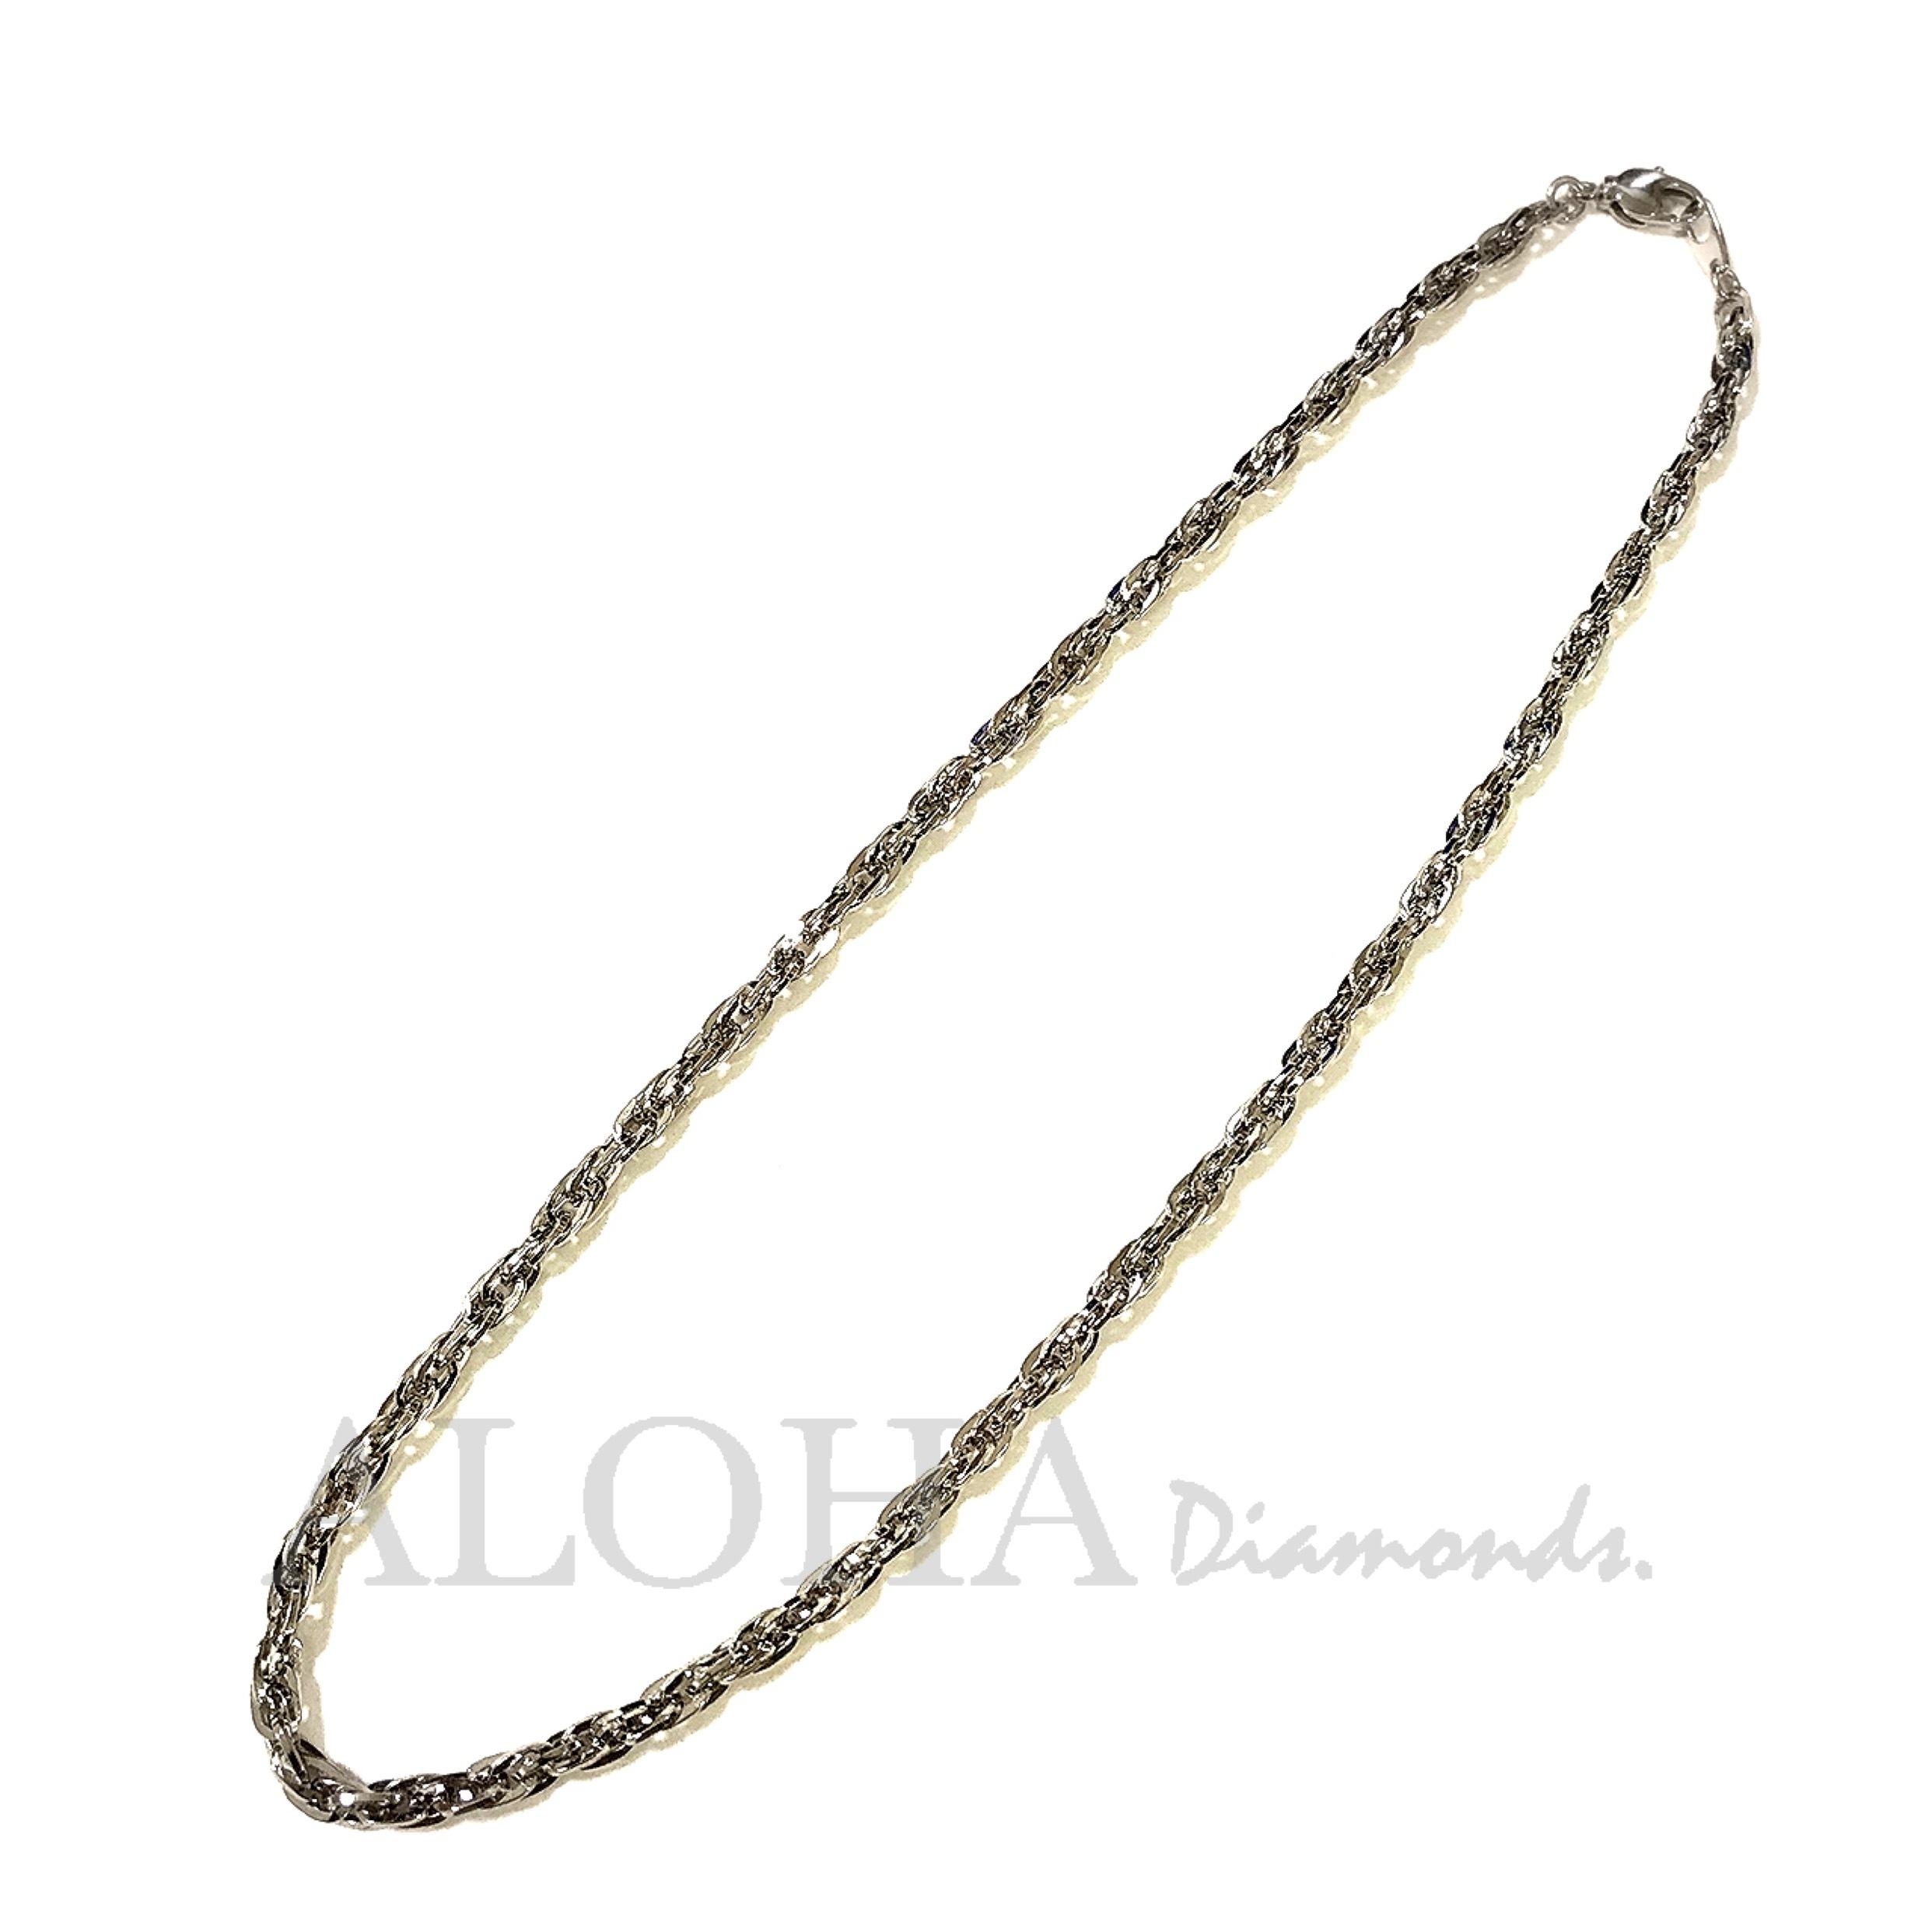 ✴︎✴︎✴︎The chain - No.4 ✴︎✴︎✴︎シルバー/ネックレス 43.5cm(ネックレス単品)